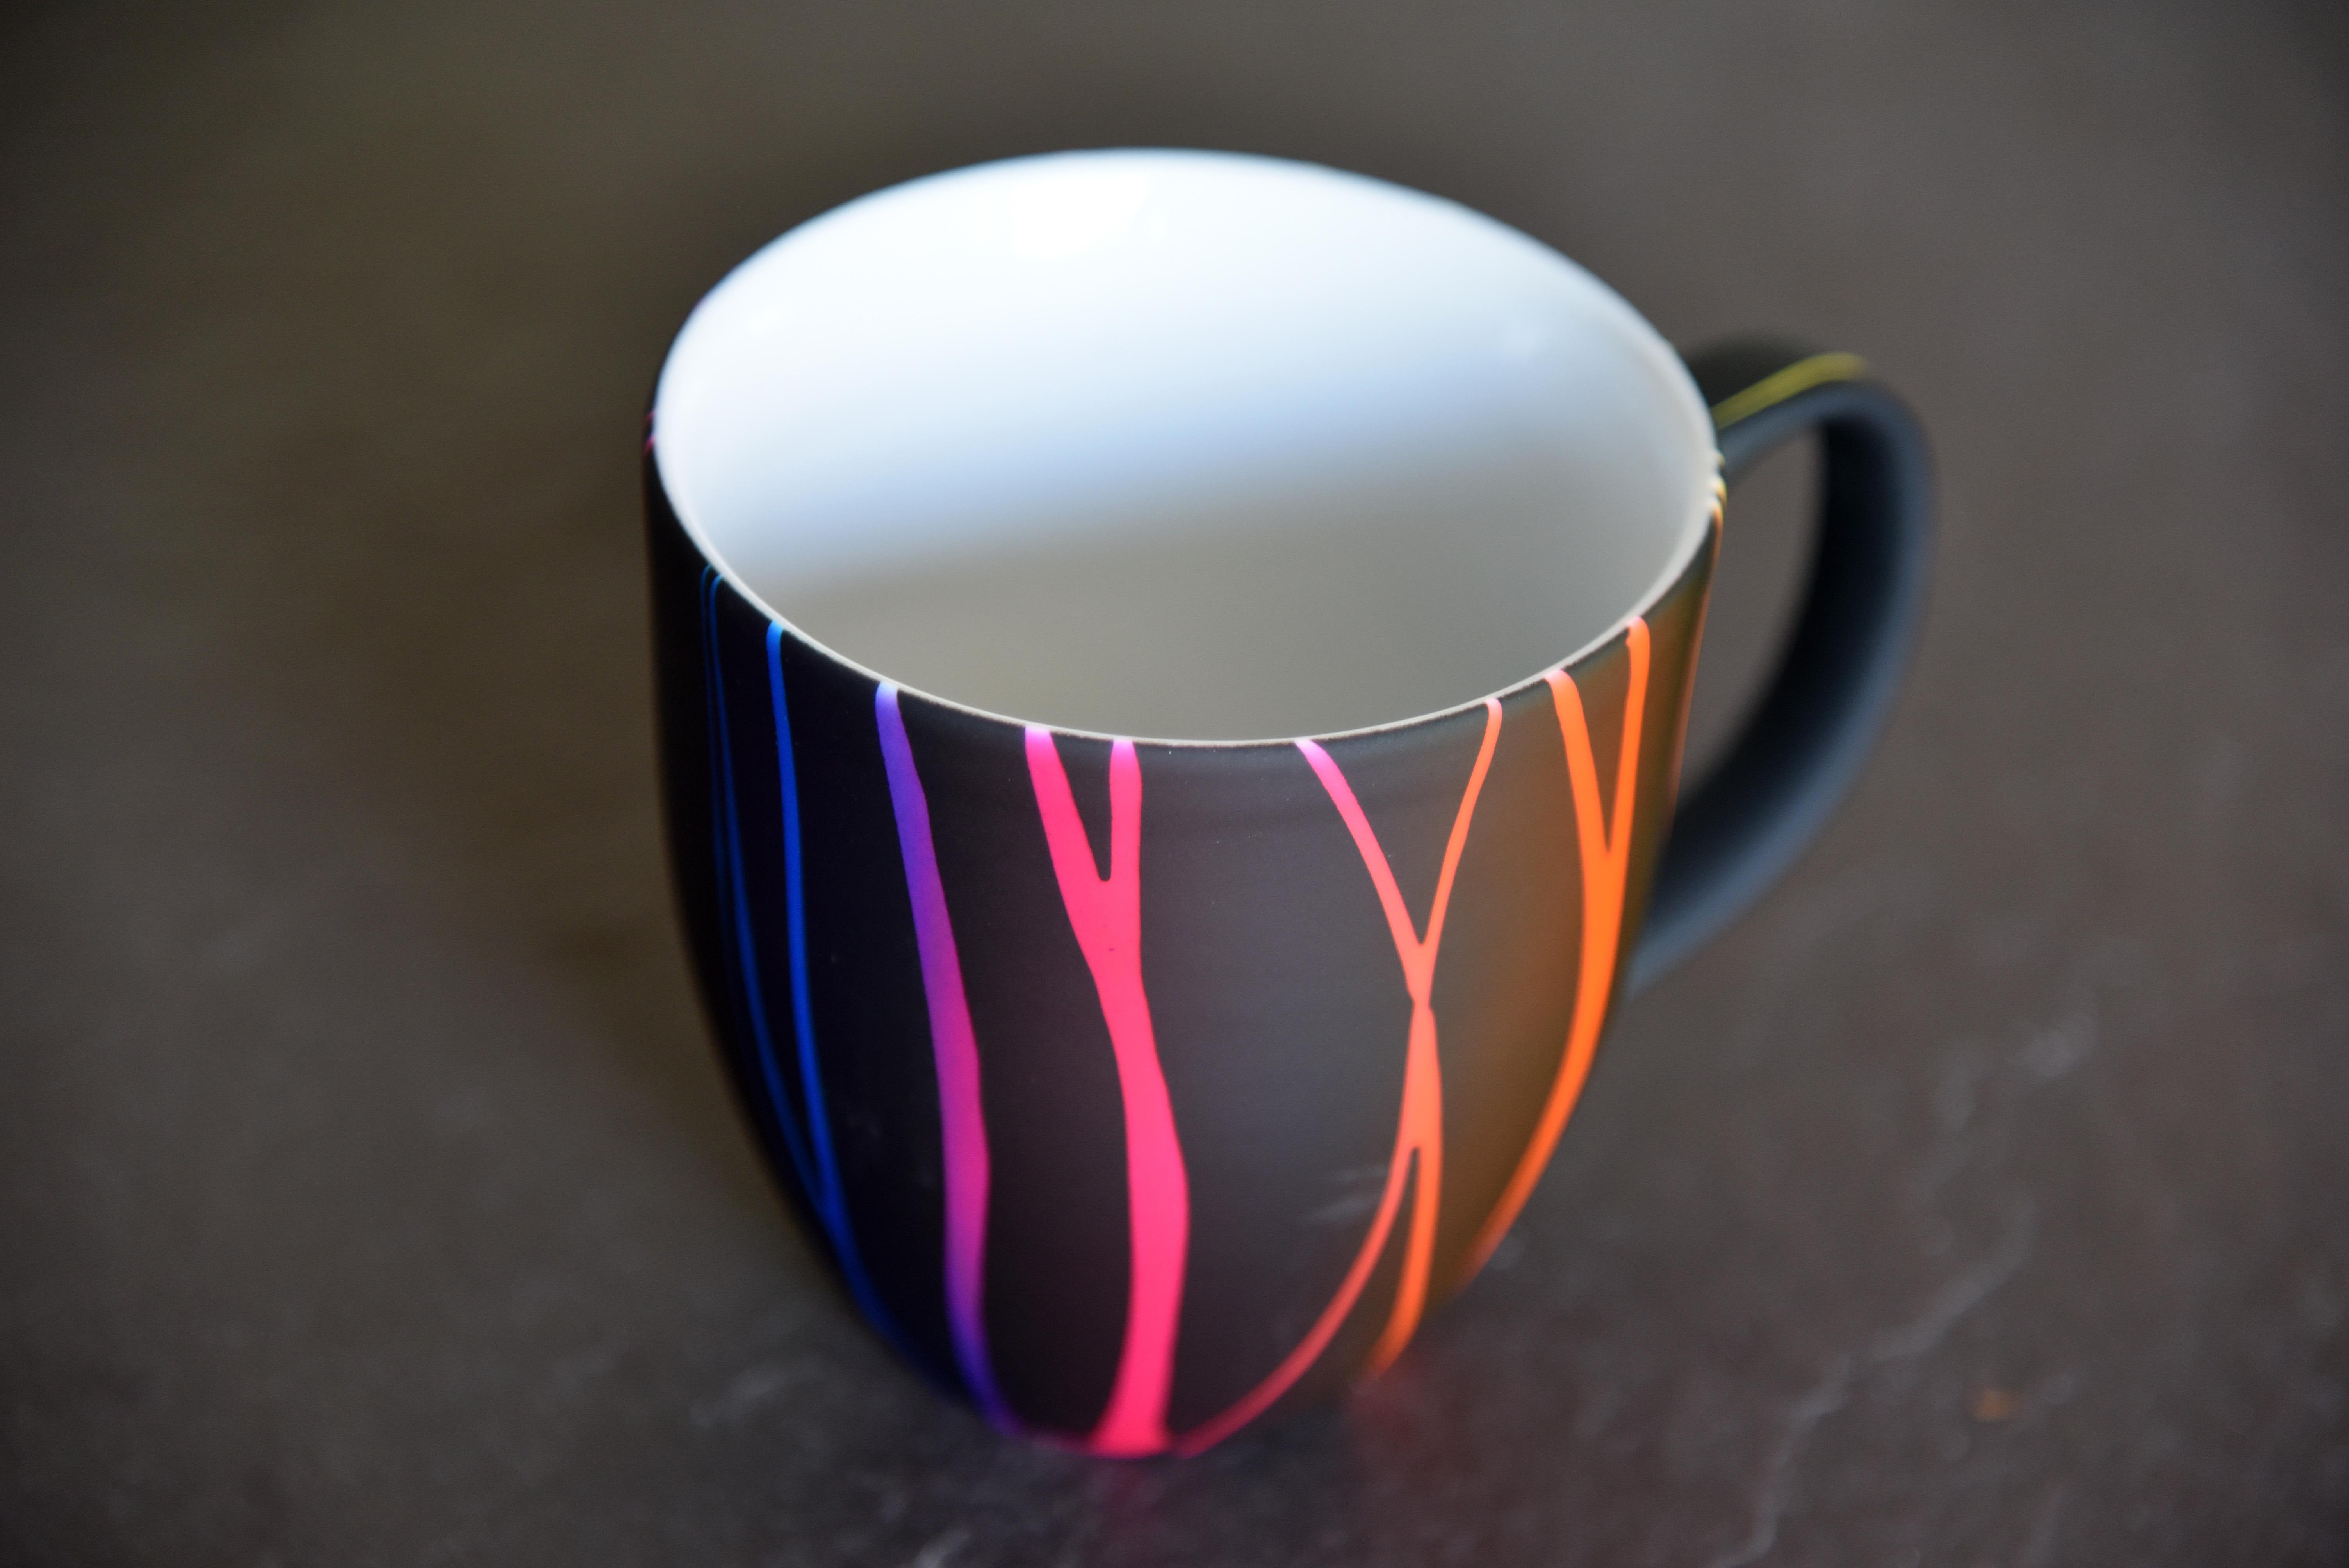 Bunte XXL Kaffeetasse - Mahlwerck Online Shop